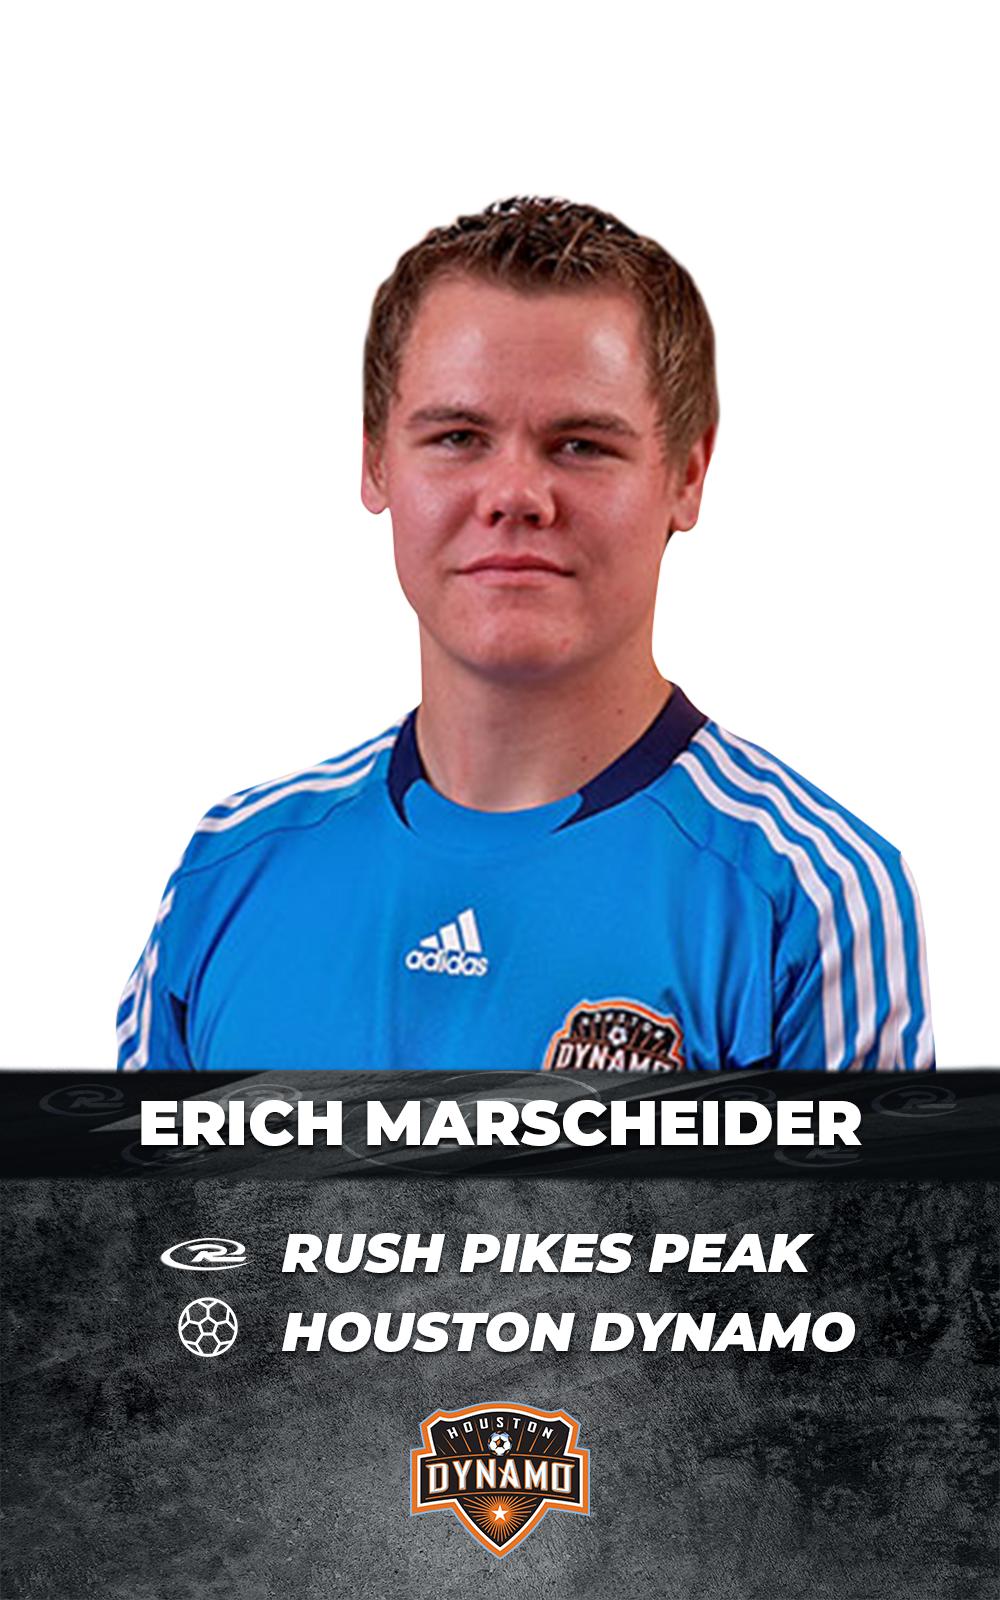 Erich-Marscheider